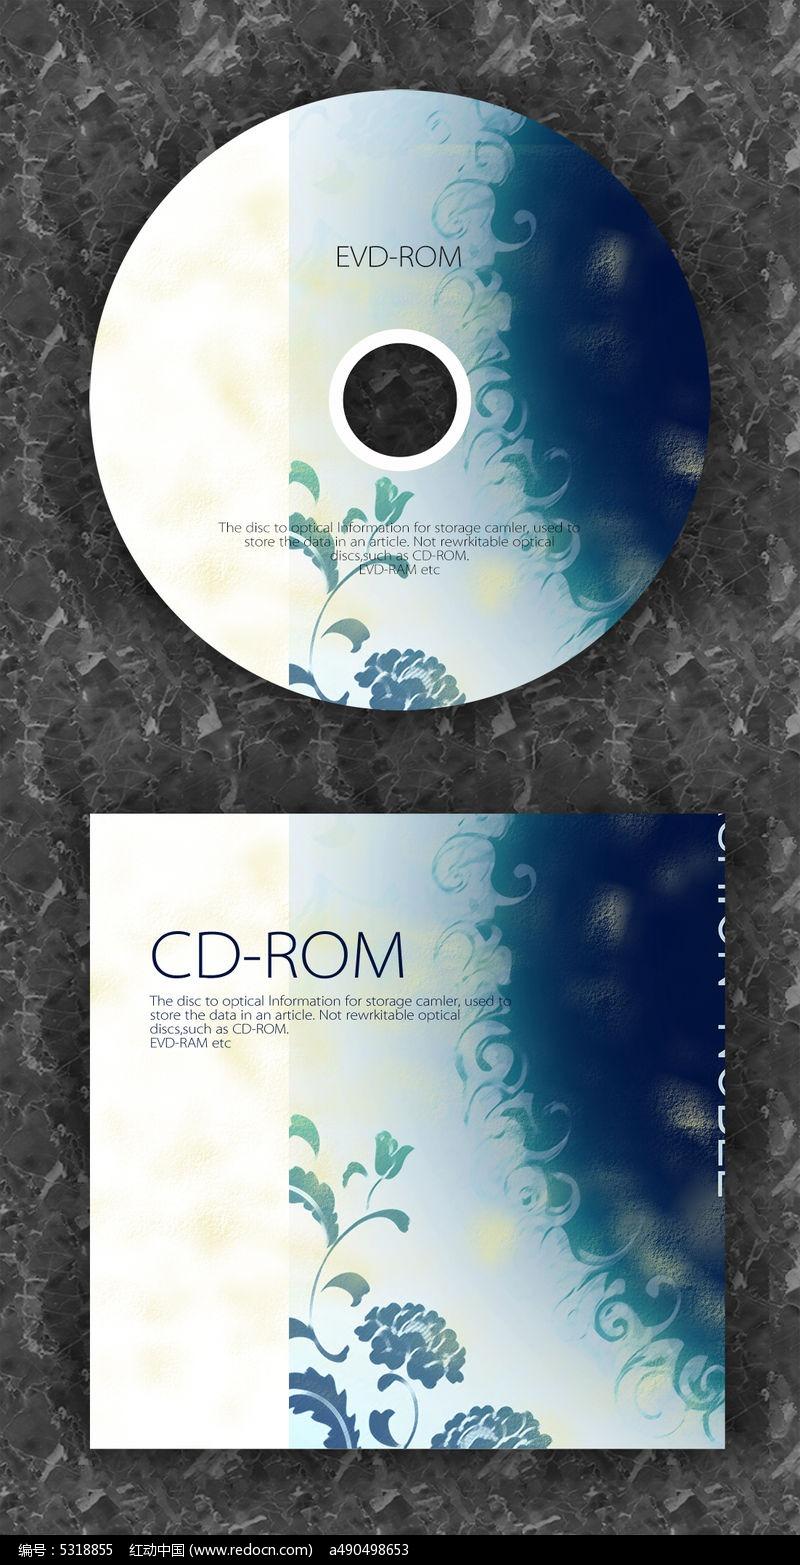 光盘 光盘包装 光盘封面